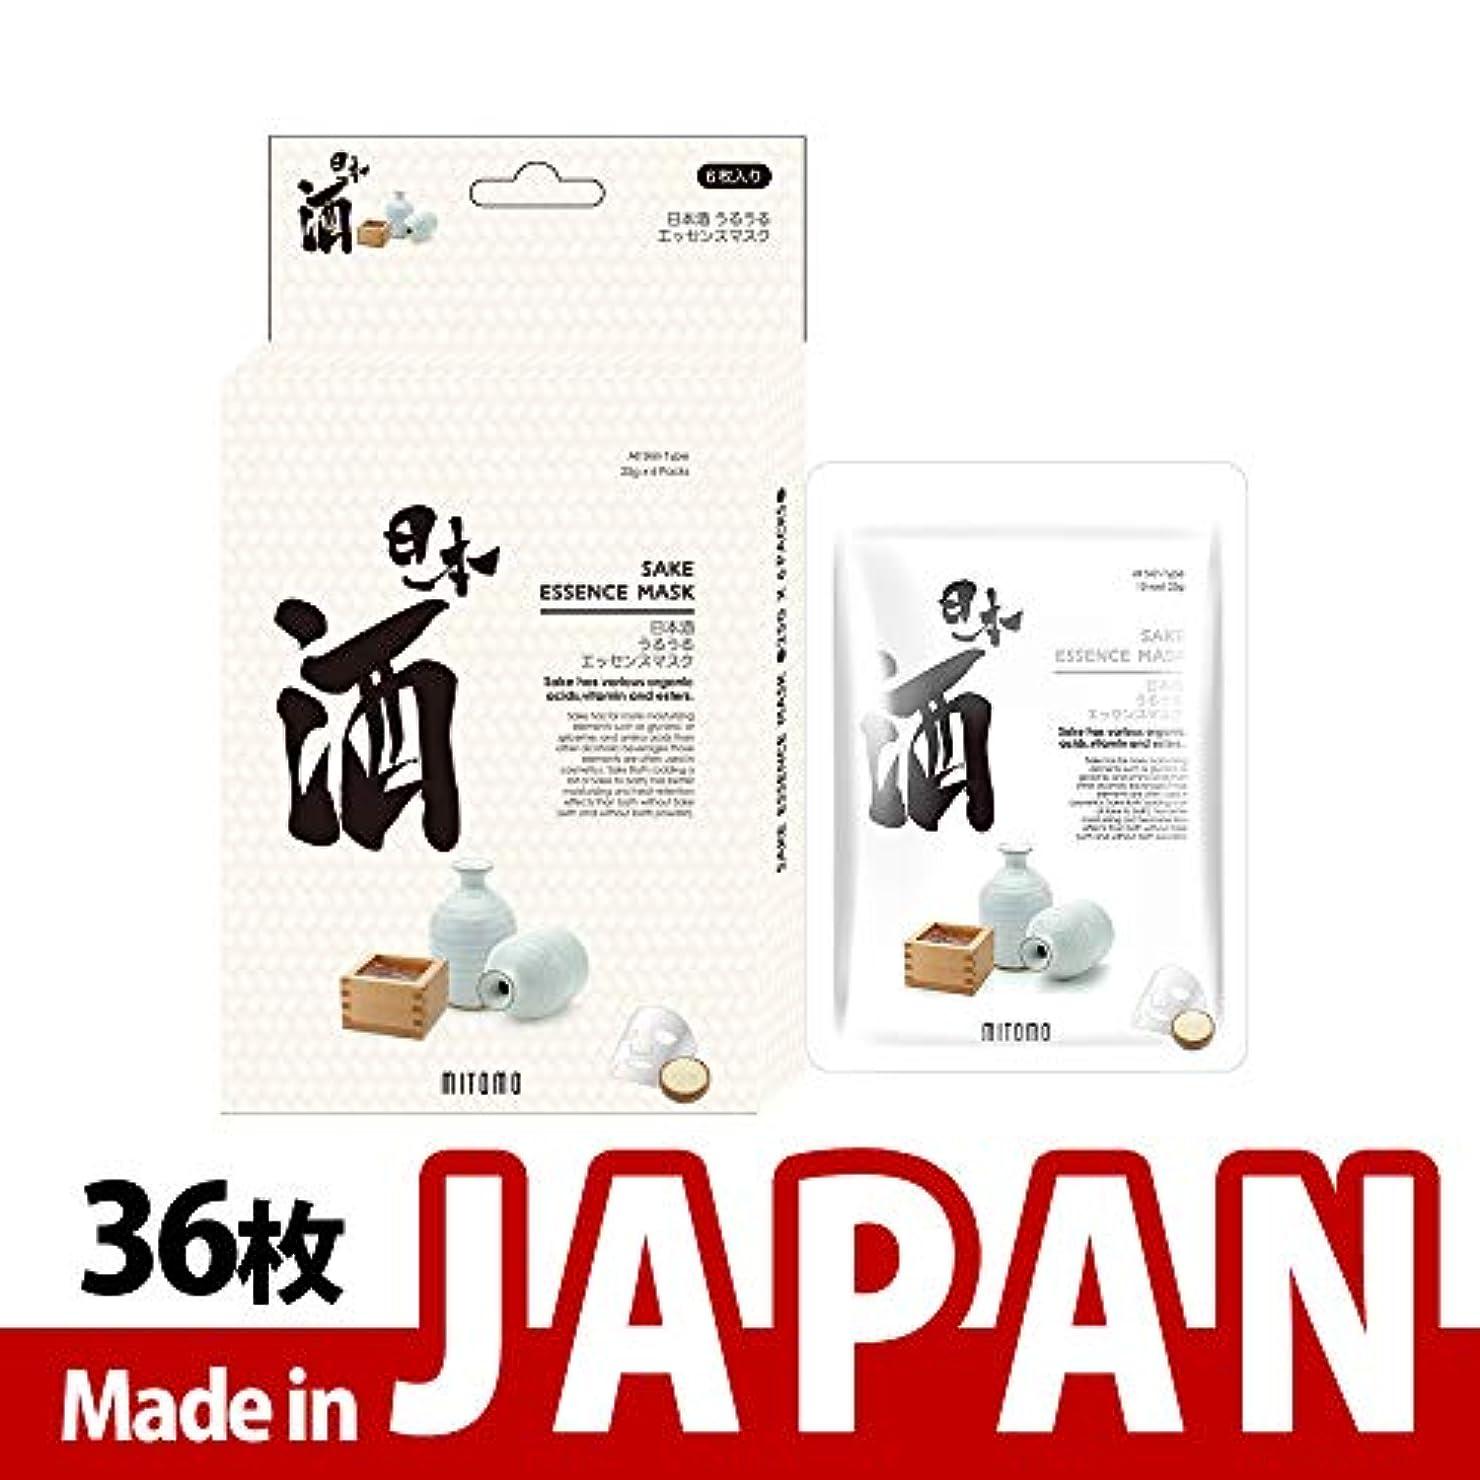 ガウンアーティキュレーション帽子MITOMO【JP512-E-5】日本製シートマスク/6枚入り/36枚/美容液/マスクパック/送料無料